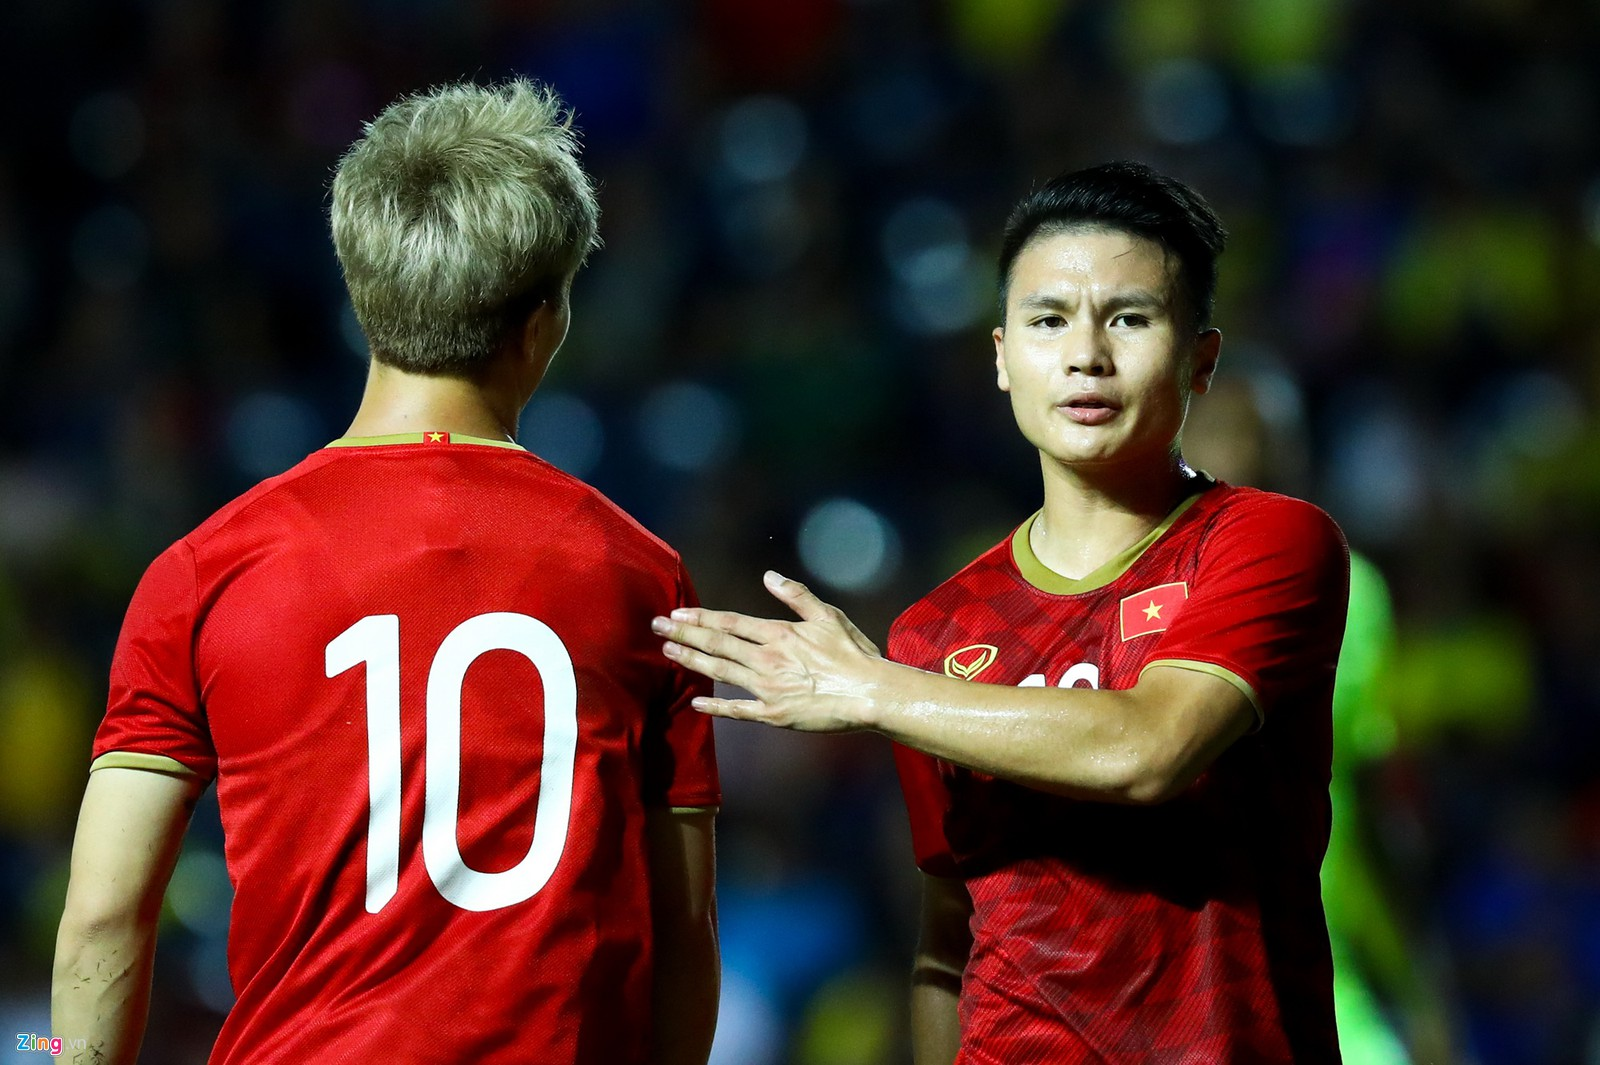 Quang Hải muốn gắn bó với số áo 19 làm nên tên tuổi của mình hơn là thay đổi số áo mới